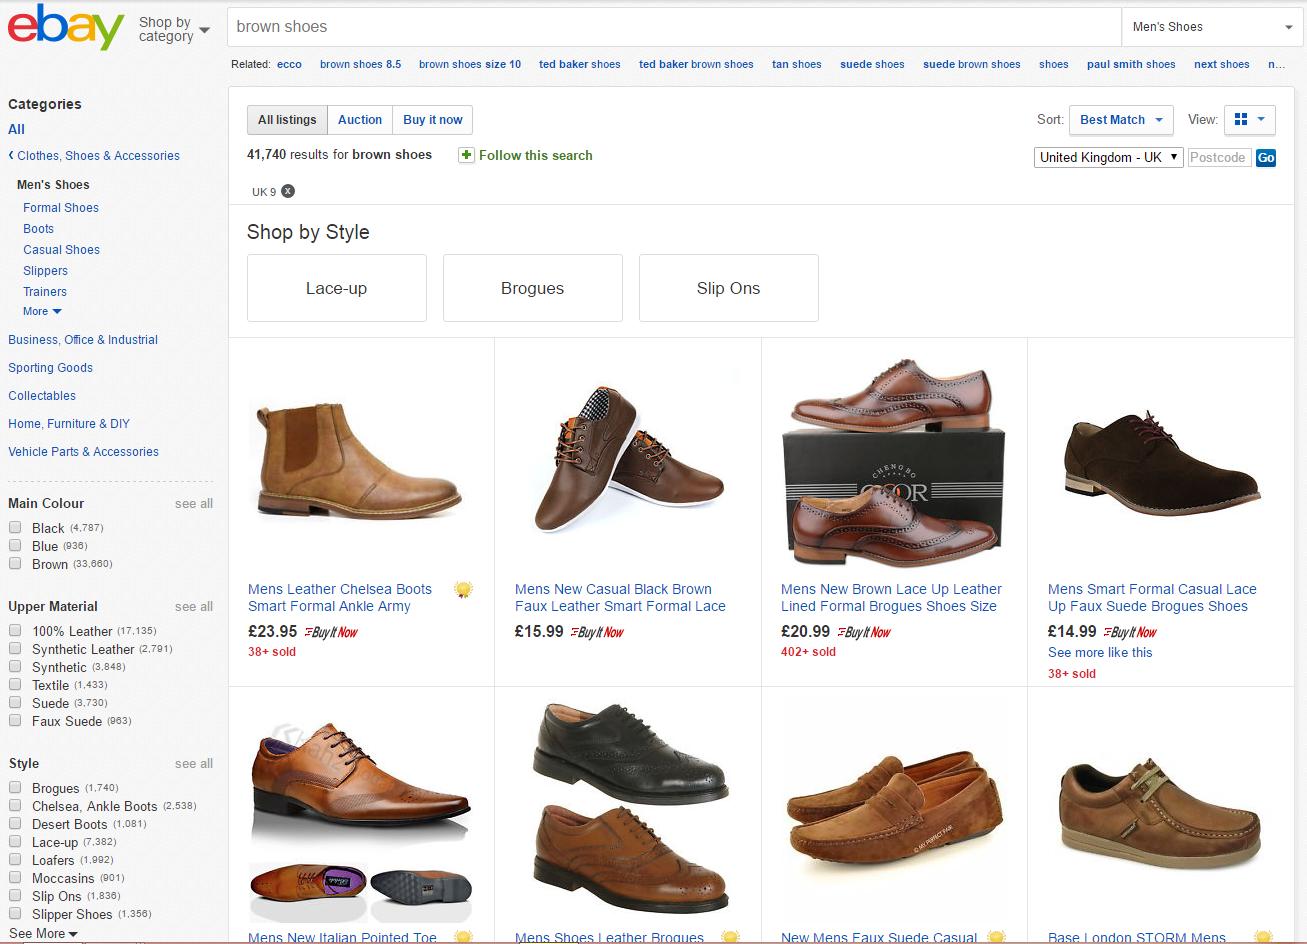 eBay Item Specifics Example